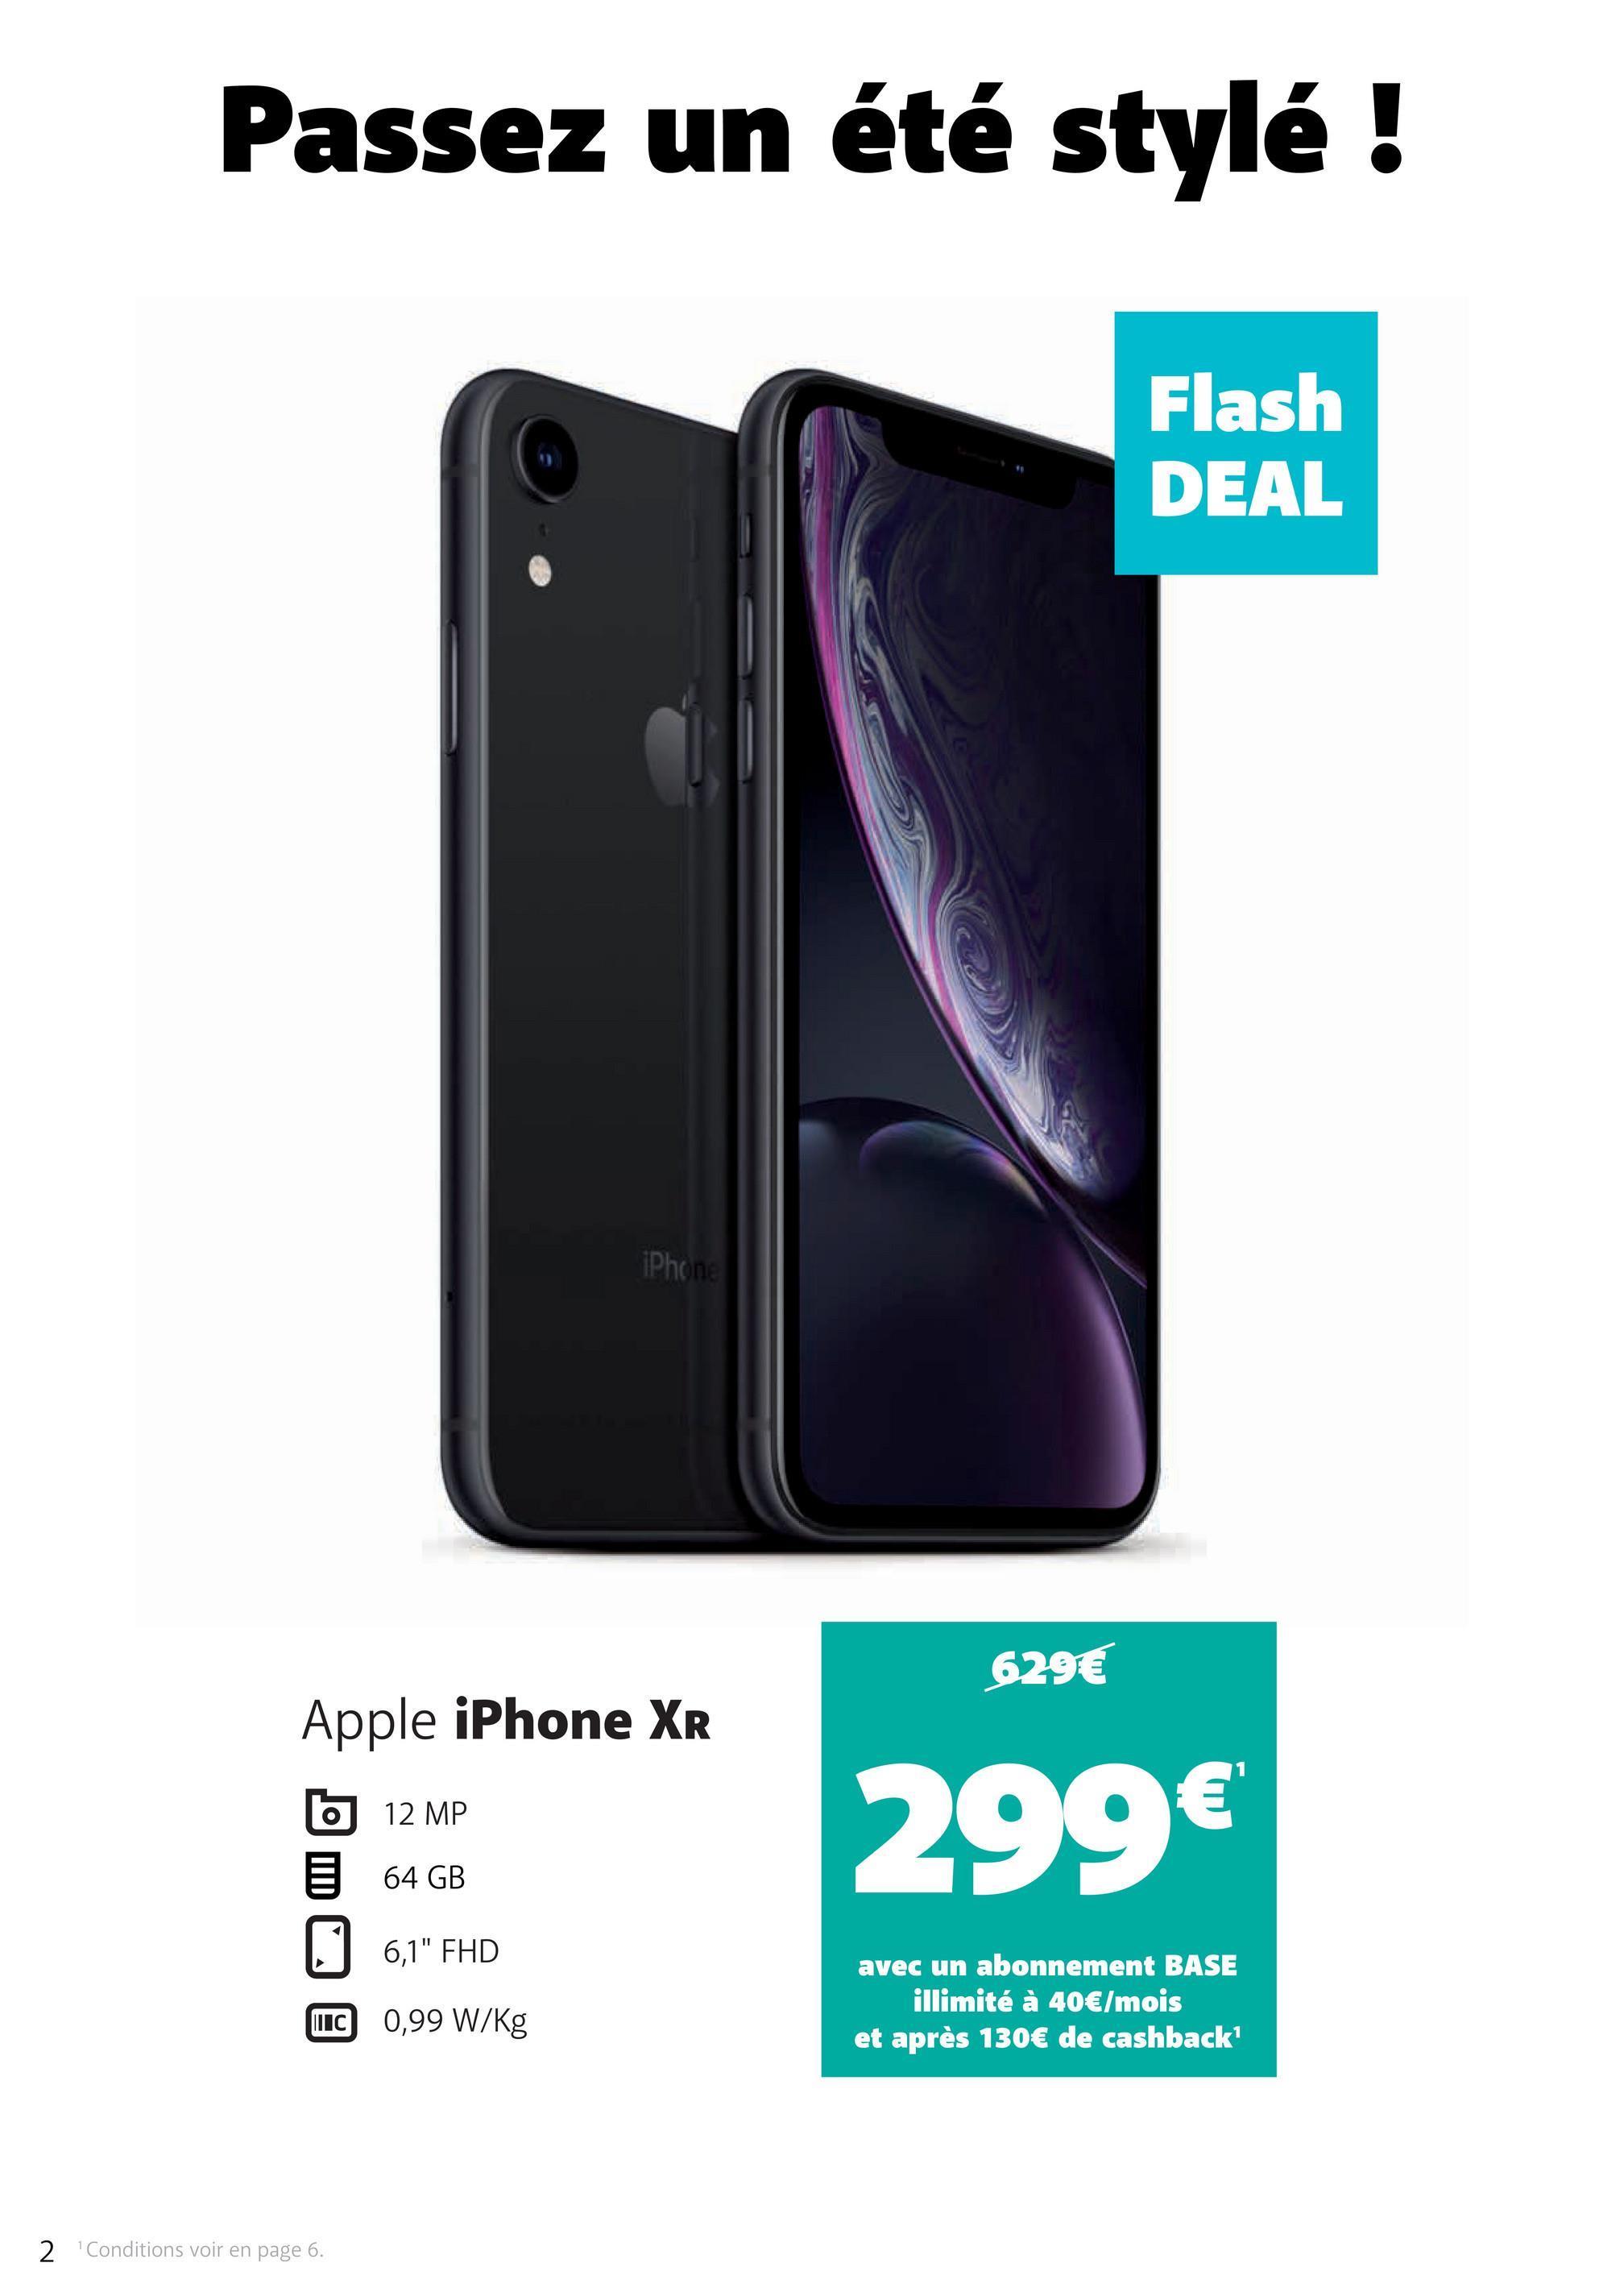 """Passez un été stylé ! Flash DEAL iPhone 629€ Apple iPhone XR 12 MP 299€ 64 GB 6,1"""" FHD avec un abonnement BASE illimité à 40€/mois et après 130€ de cashback UC 0,99 W/kg 2 Conditions voir en page 6."""